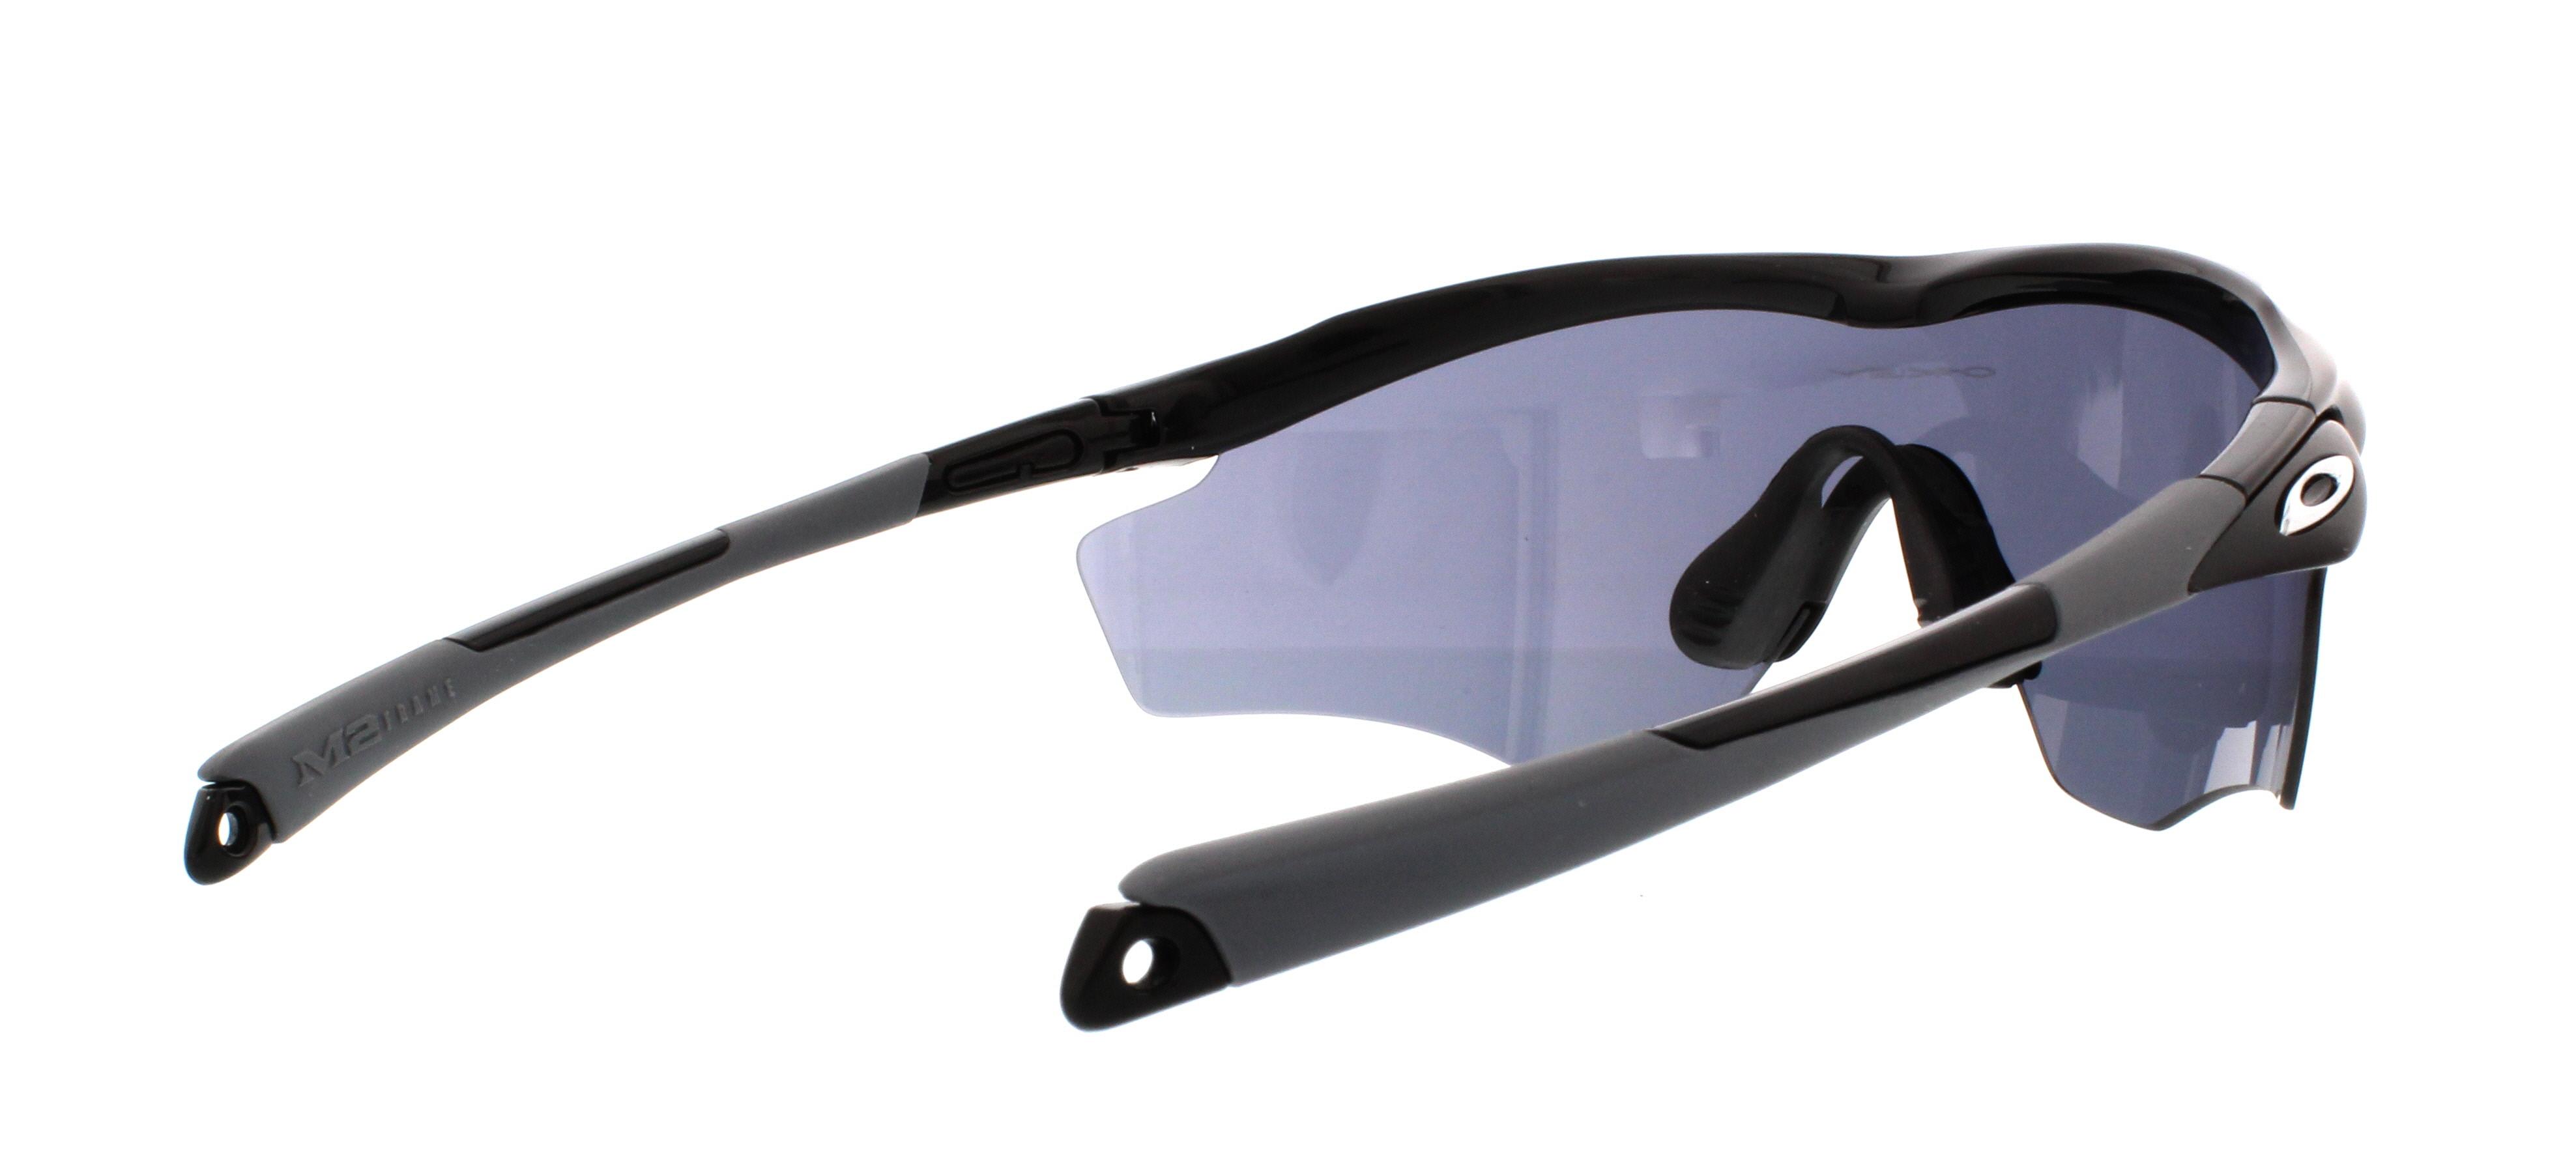 Designer Frames Outlet. Oakley M2 FRAME XL